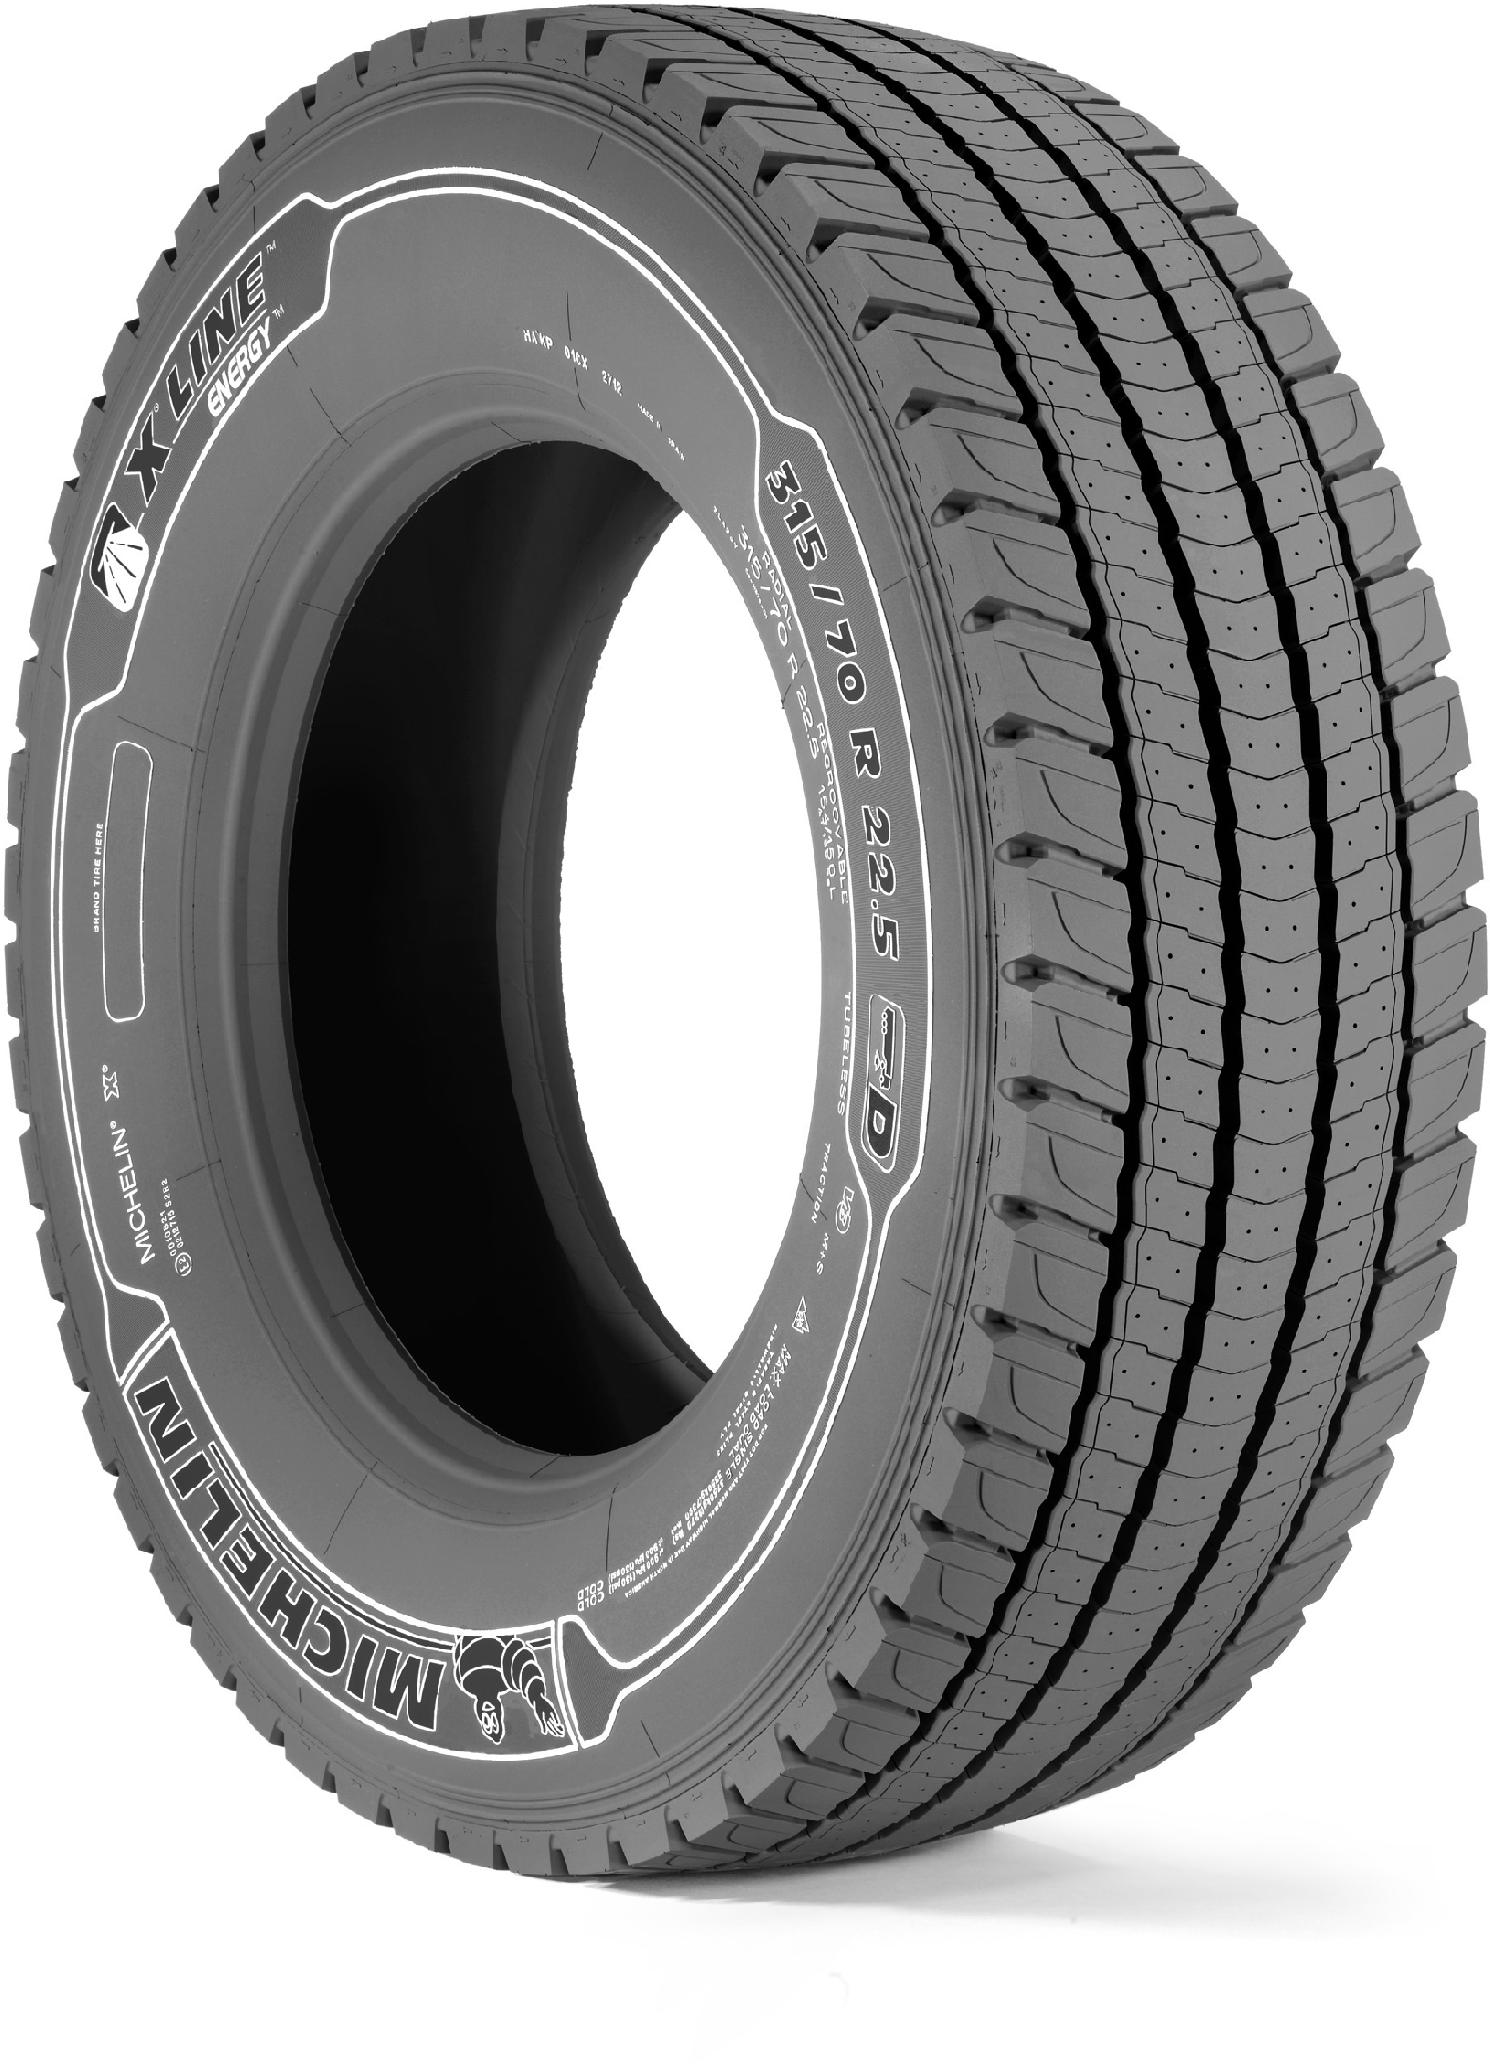 Michelin X Line Energy D 315/70 R22,5 154 L M+S